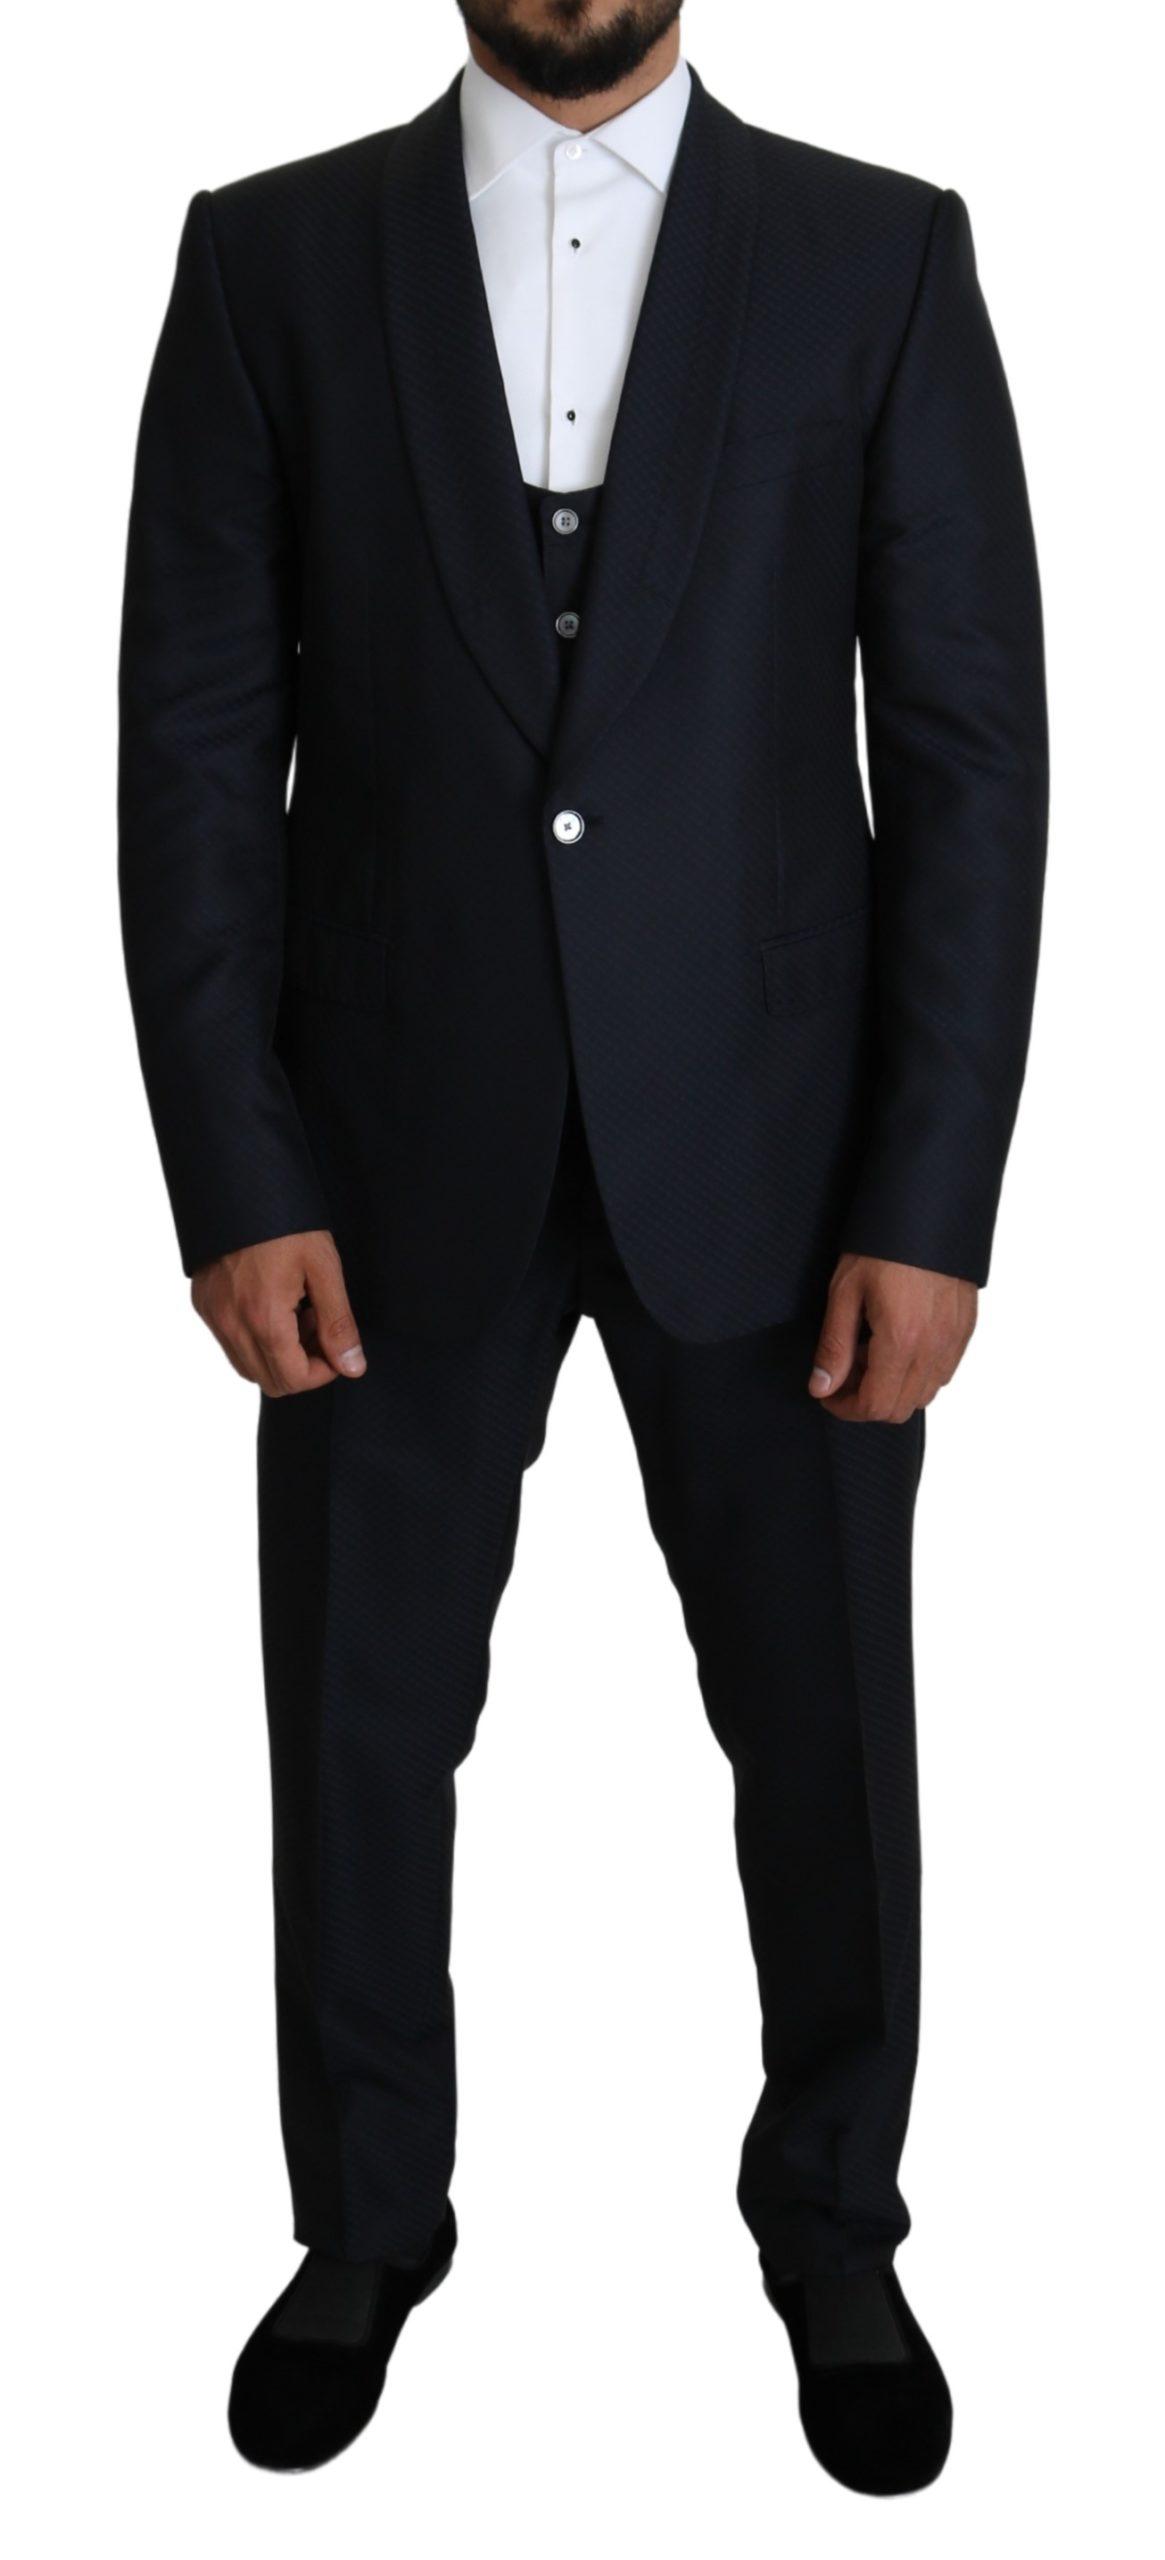 Dolce & Gabbana Men's 3 Piece MARTINI Suit Black KOS1820 - IT48 | M